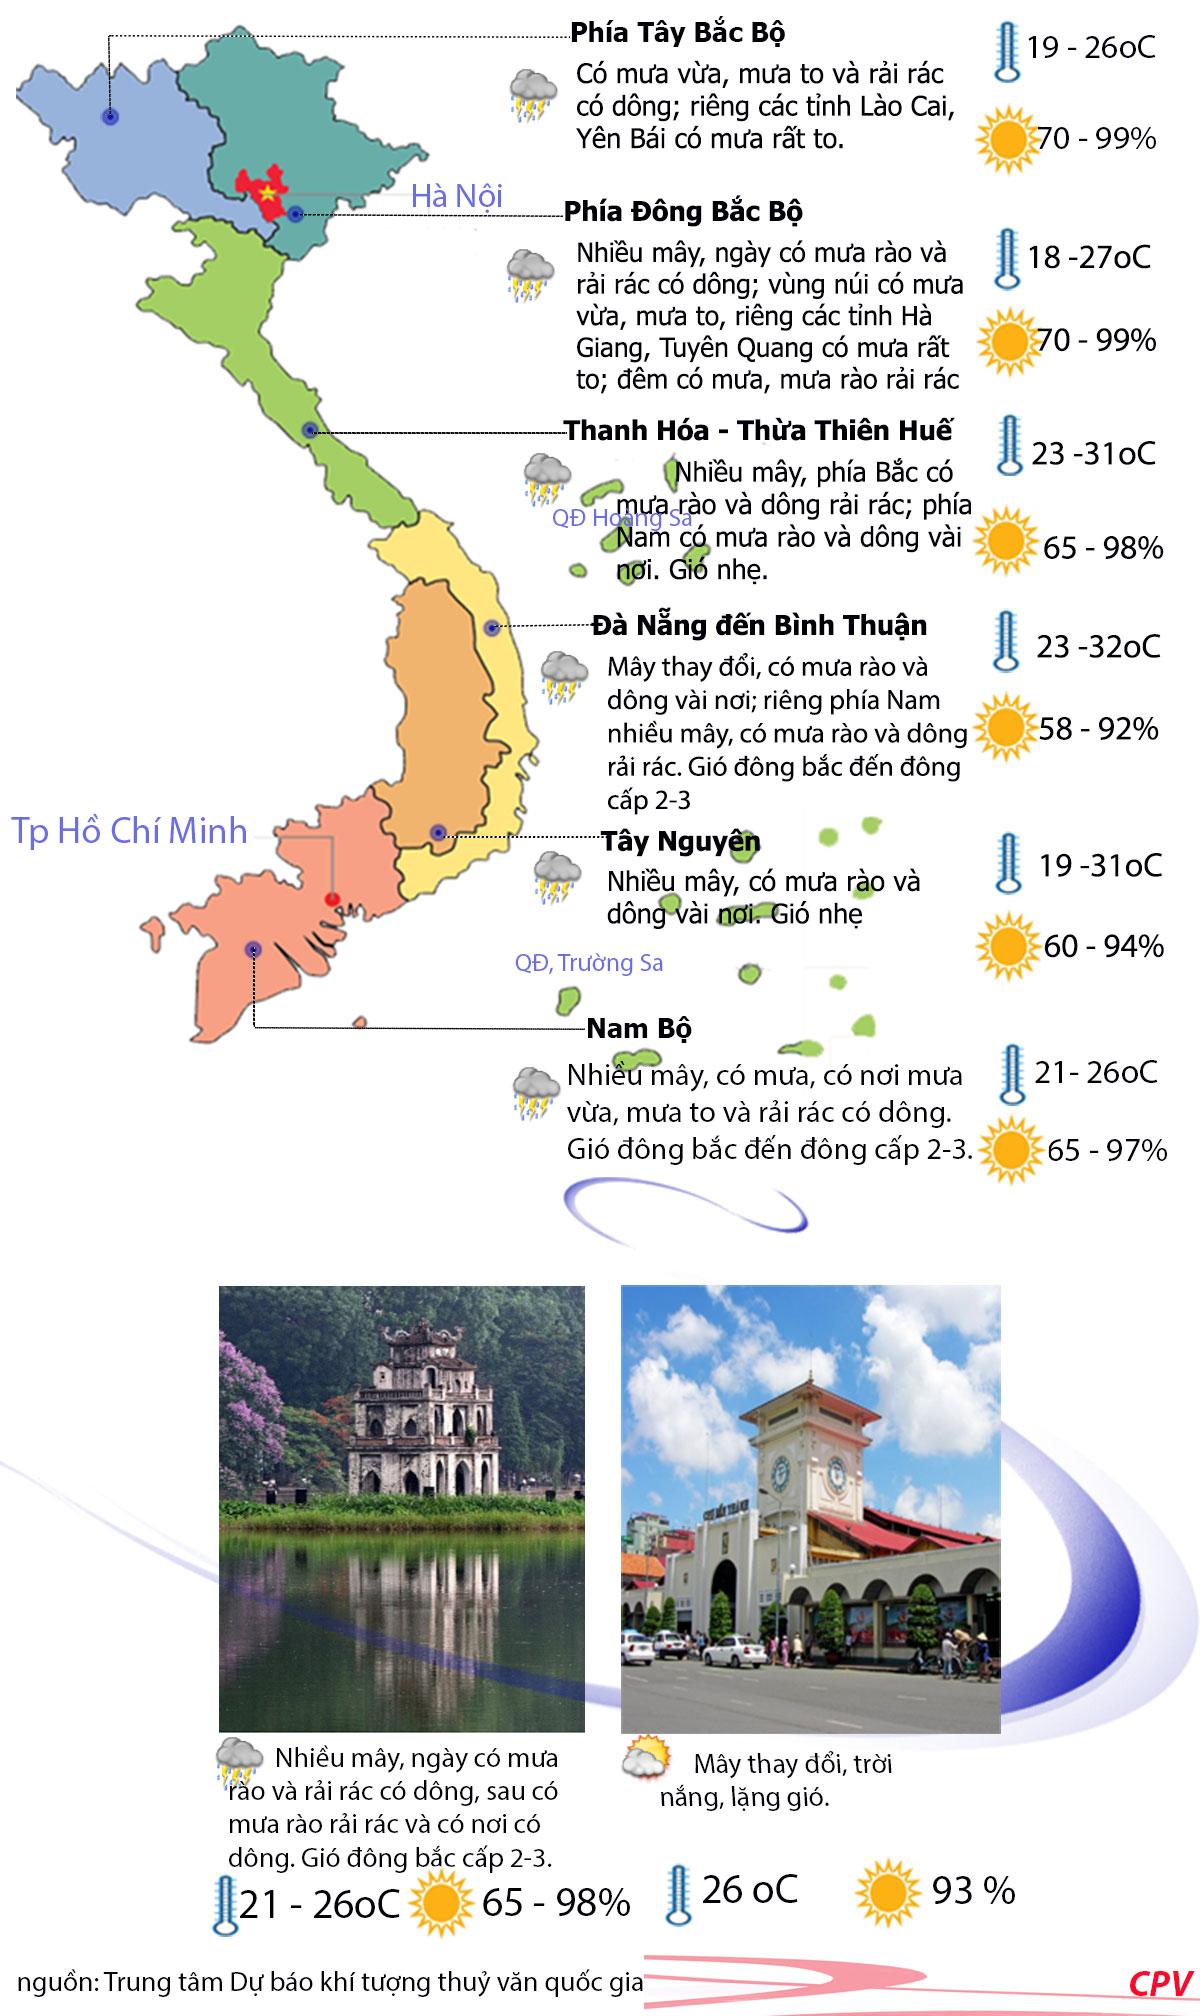 [Infographic] Dự báo thời tiết hôm nay 23/10: Bắc Bộ và Bắc Trung Bộ mưa lạnh